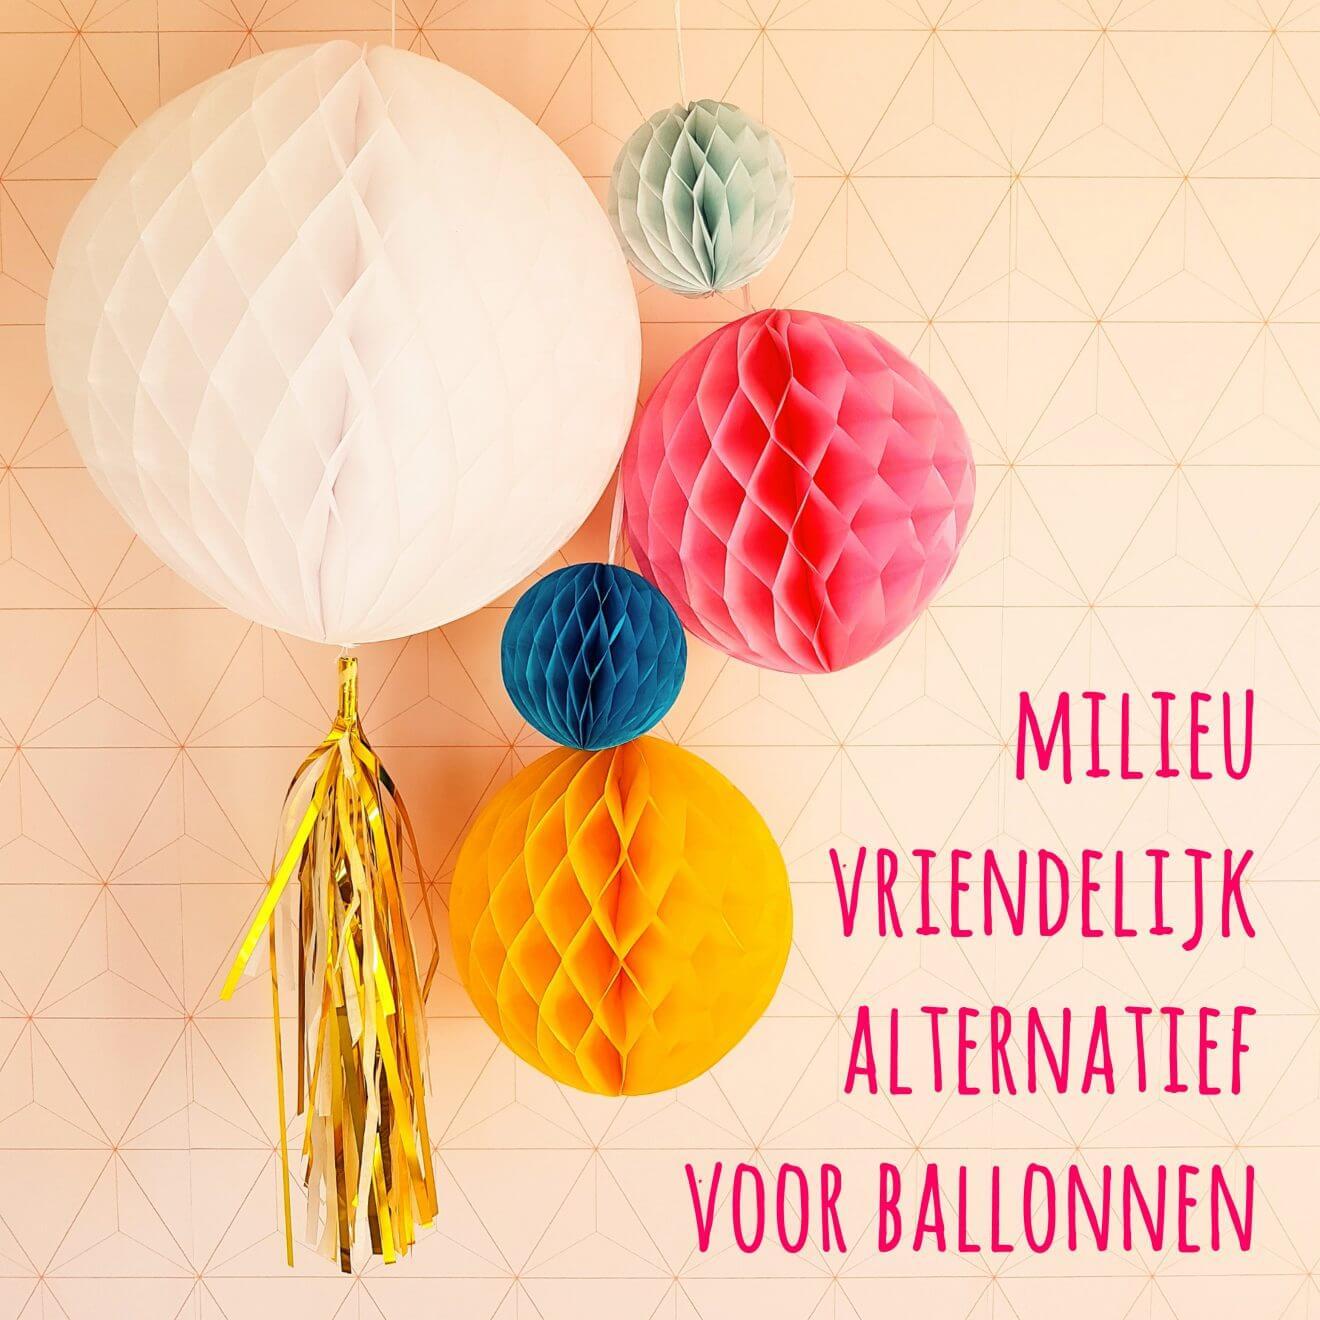 Milieuvriendelijk alternatief voor ballonnen: gekleurde papieren honeycomb bollen